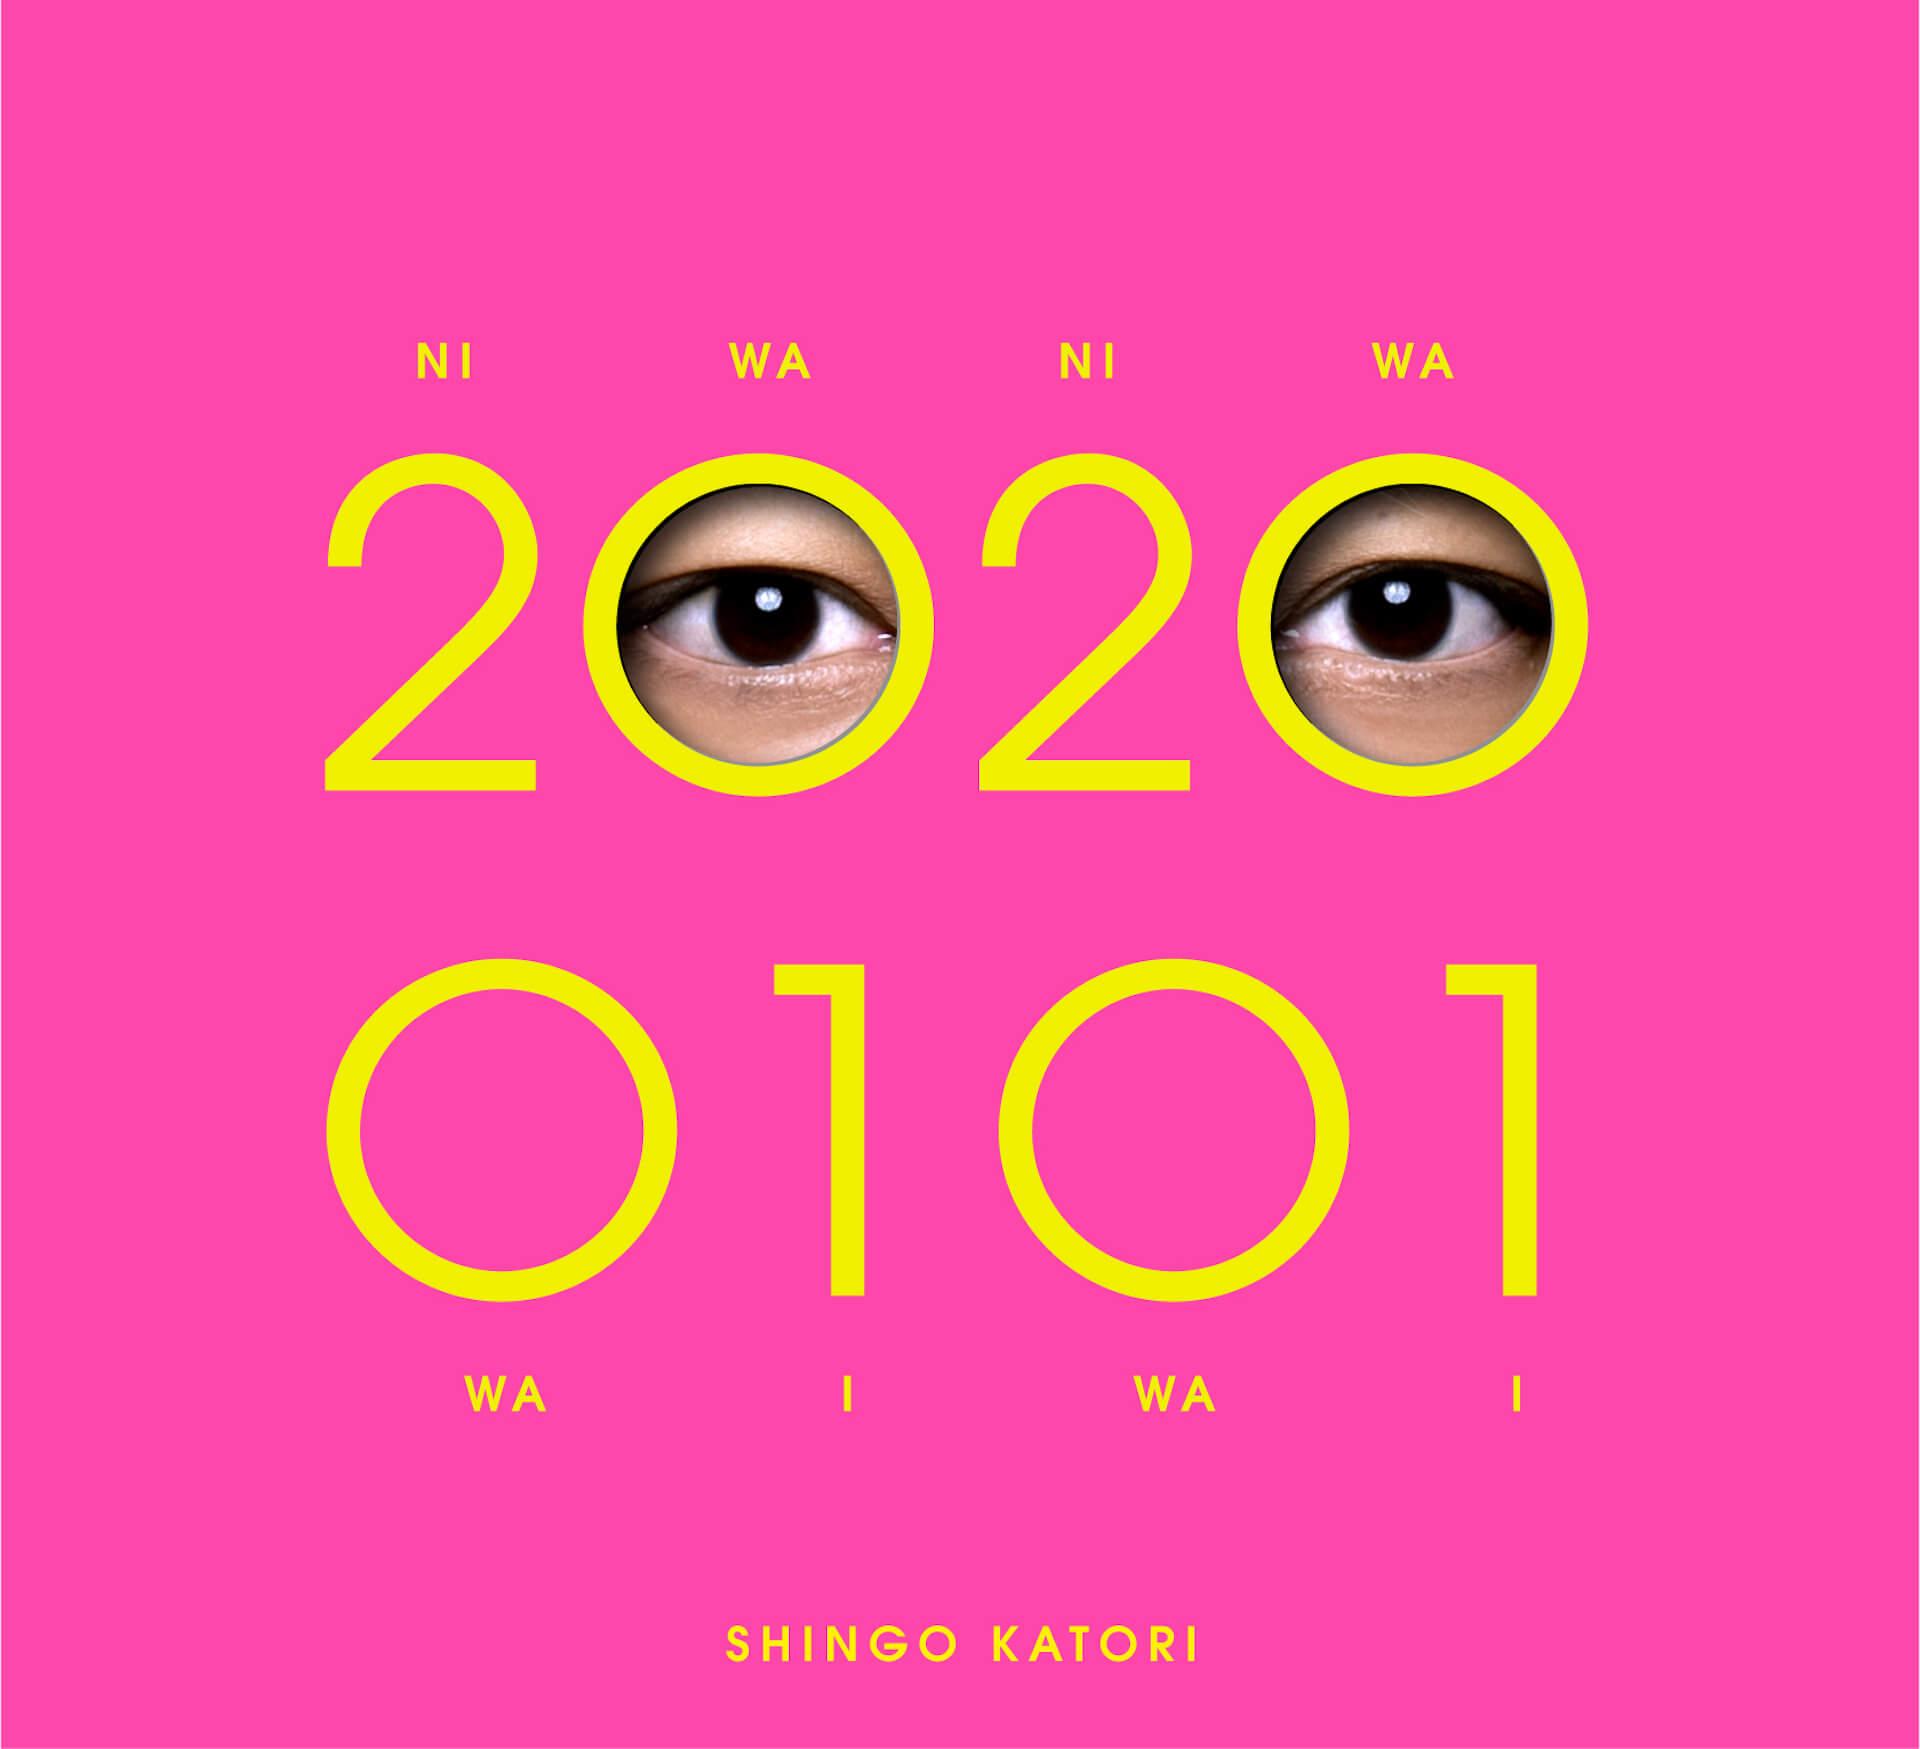 香取慎吾2020年元日に発売する『20200101』のジャケット&収録曲を公開!「Prologue(feat.TeddyLoid&たなか)」の配信もスタート music191122_katorishingo_2